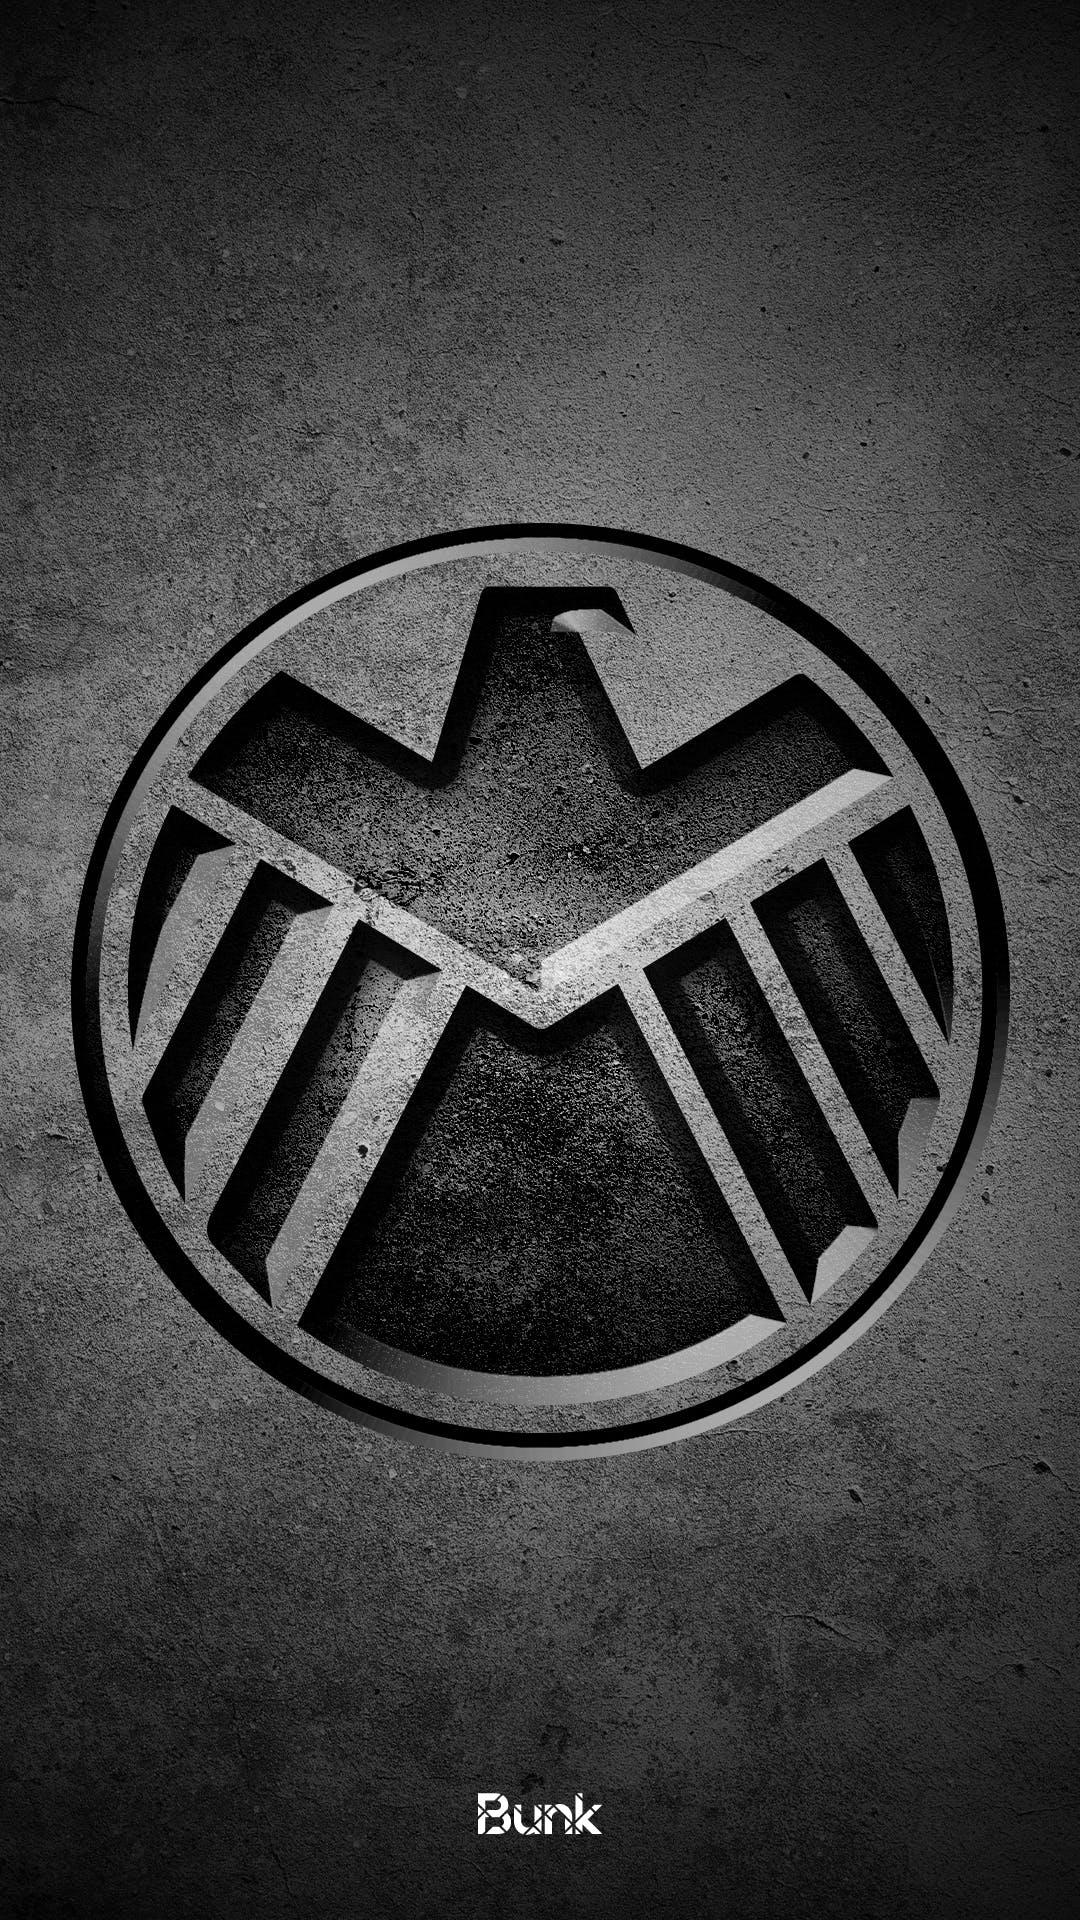 Free stock photo of avengers, AvengersInfinityWar, infinity war, logo